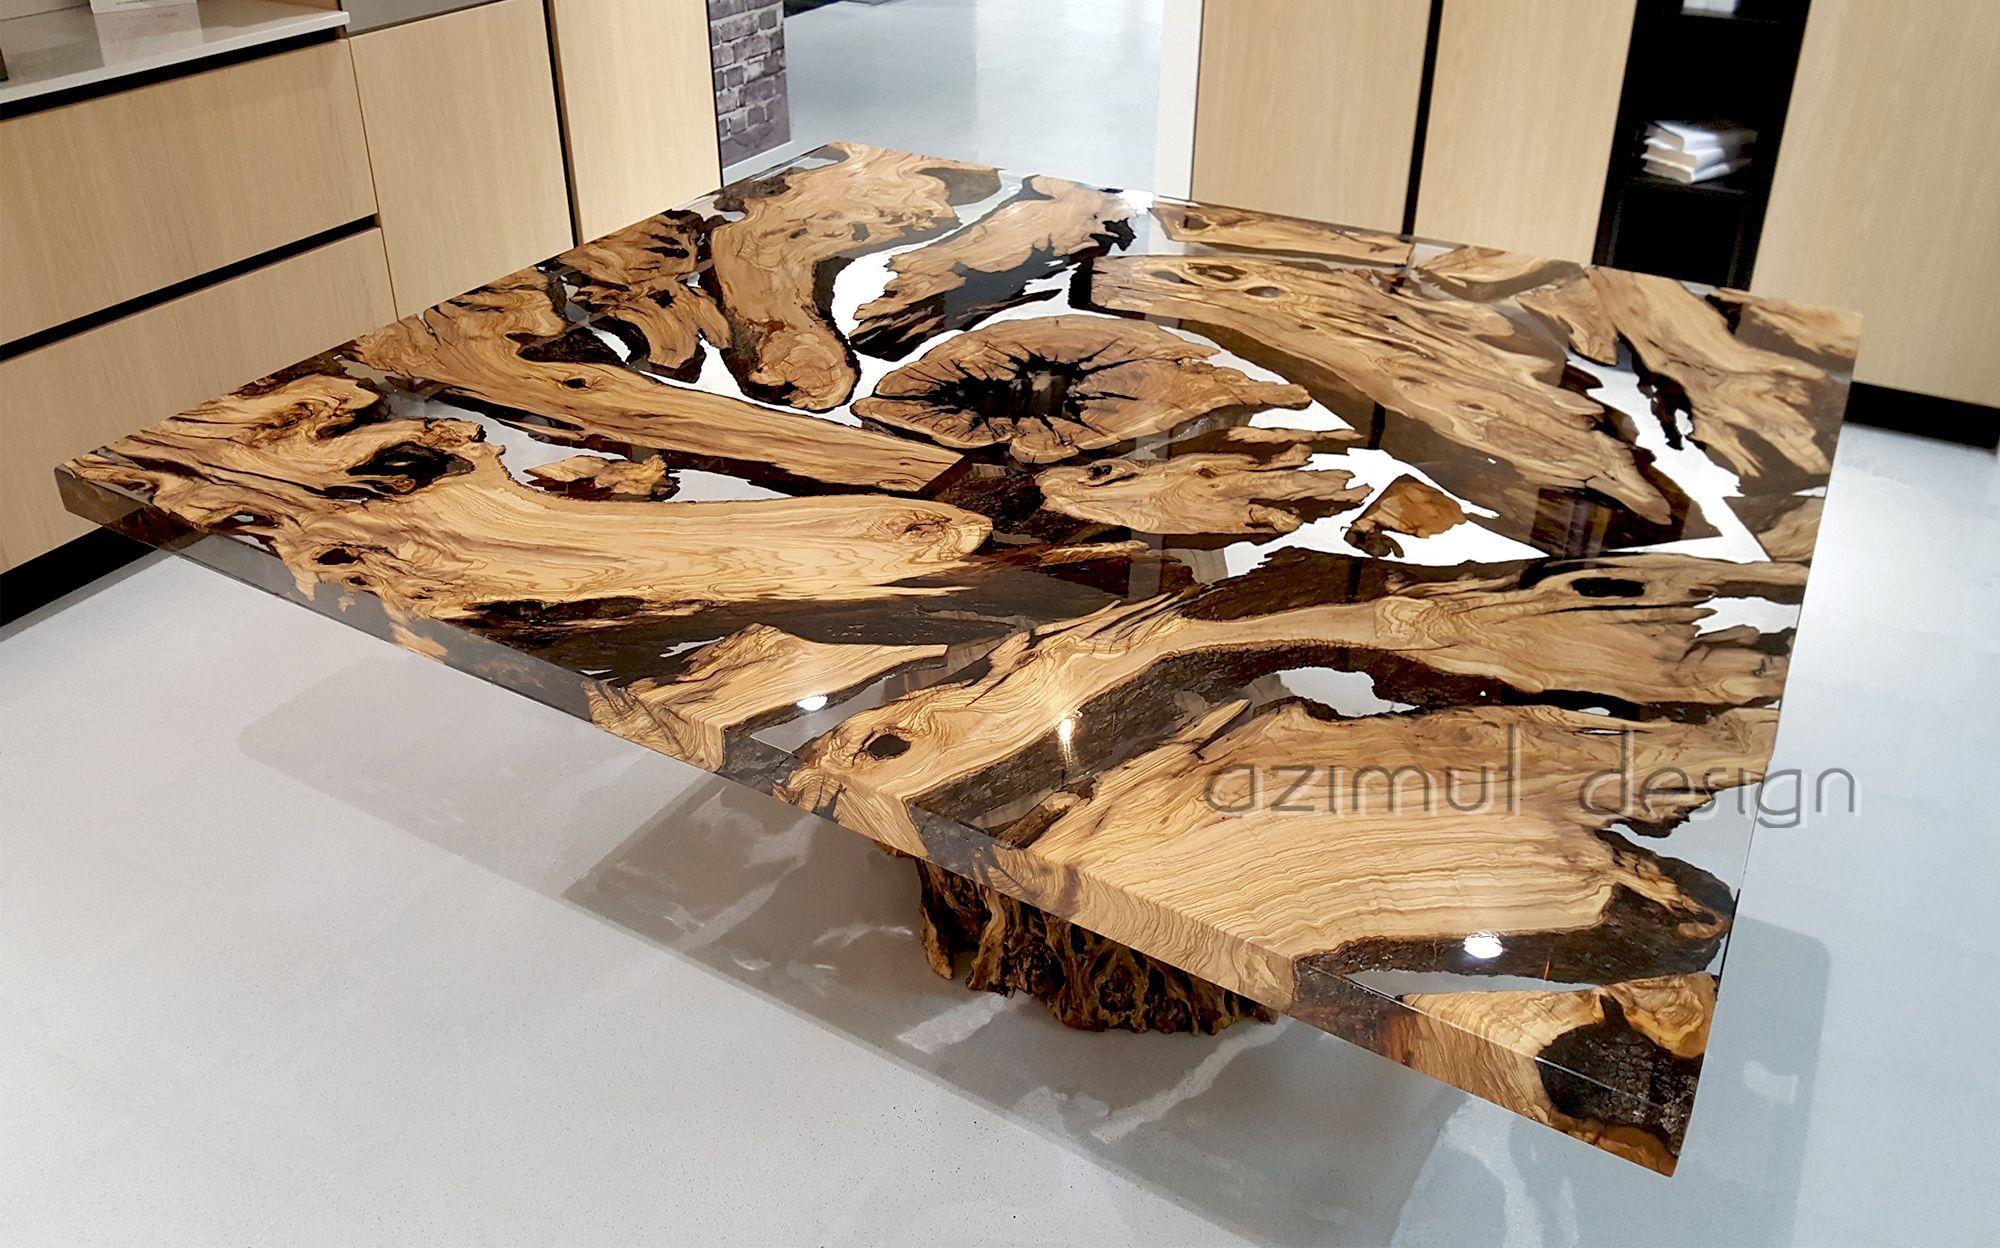 elementi di design per arredo interni in resina soluzioni personalizzate pinterest. Black Bedroom Furniture Sets. Home Design Ideas